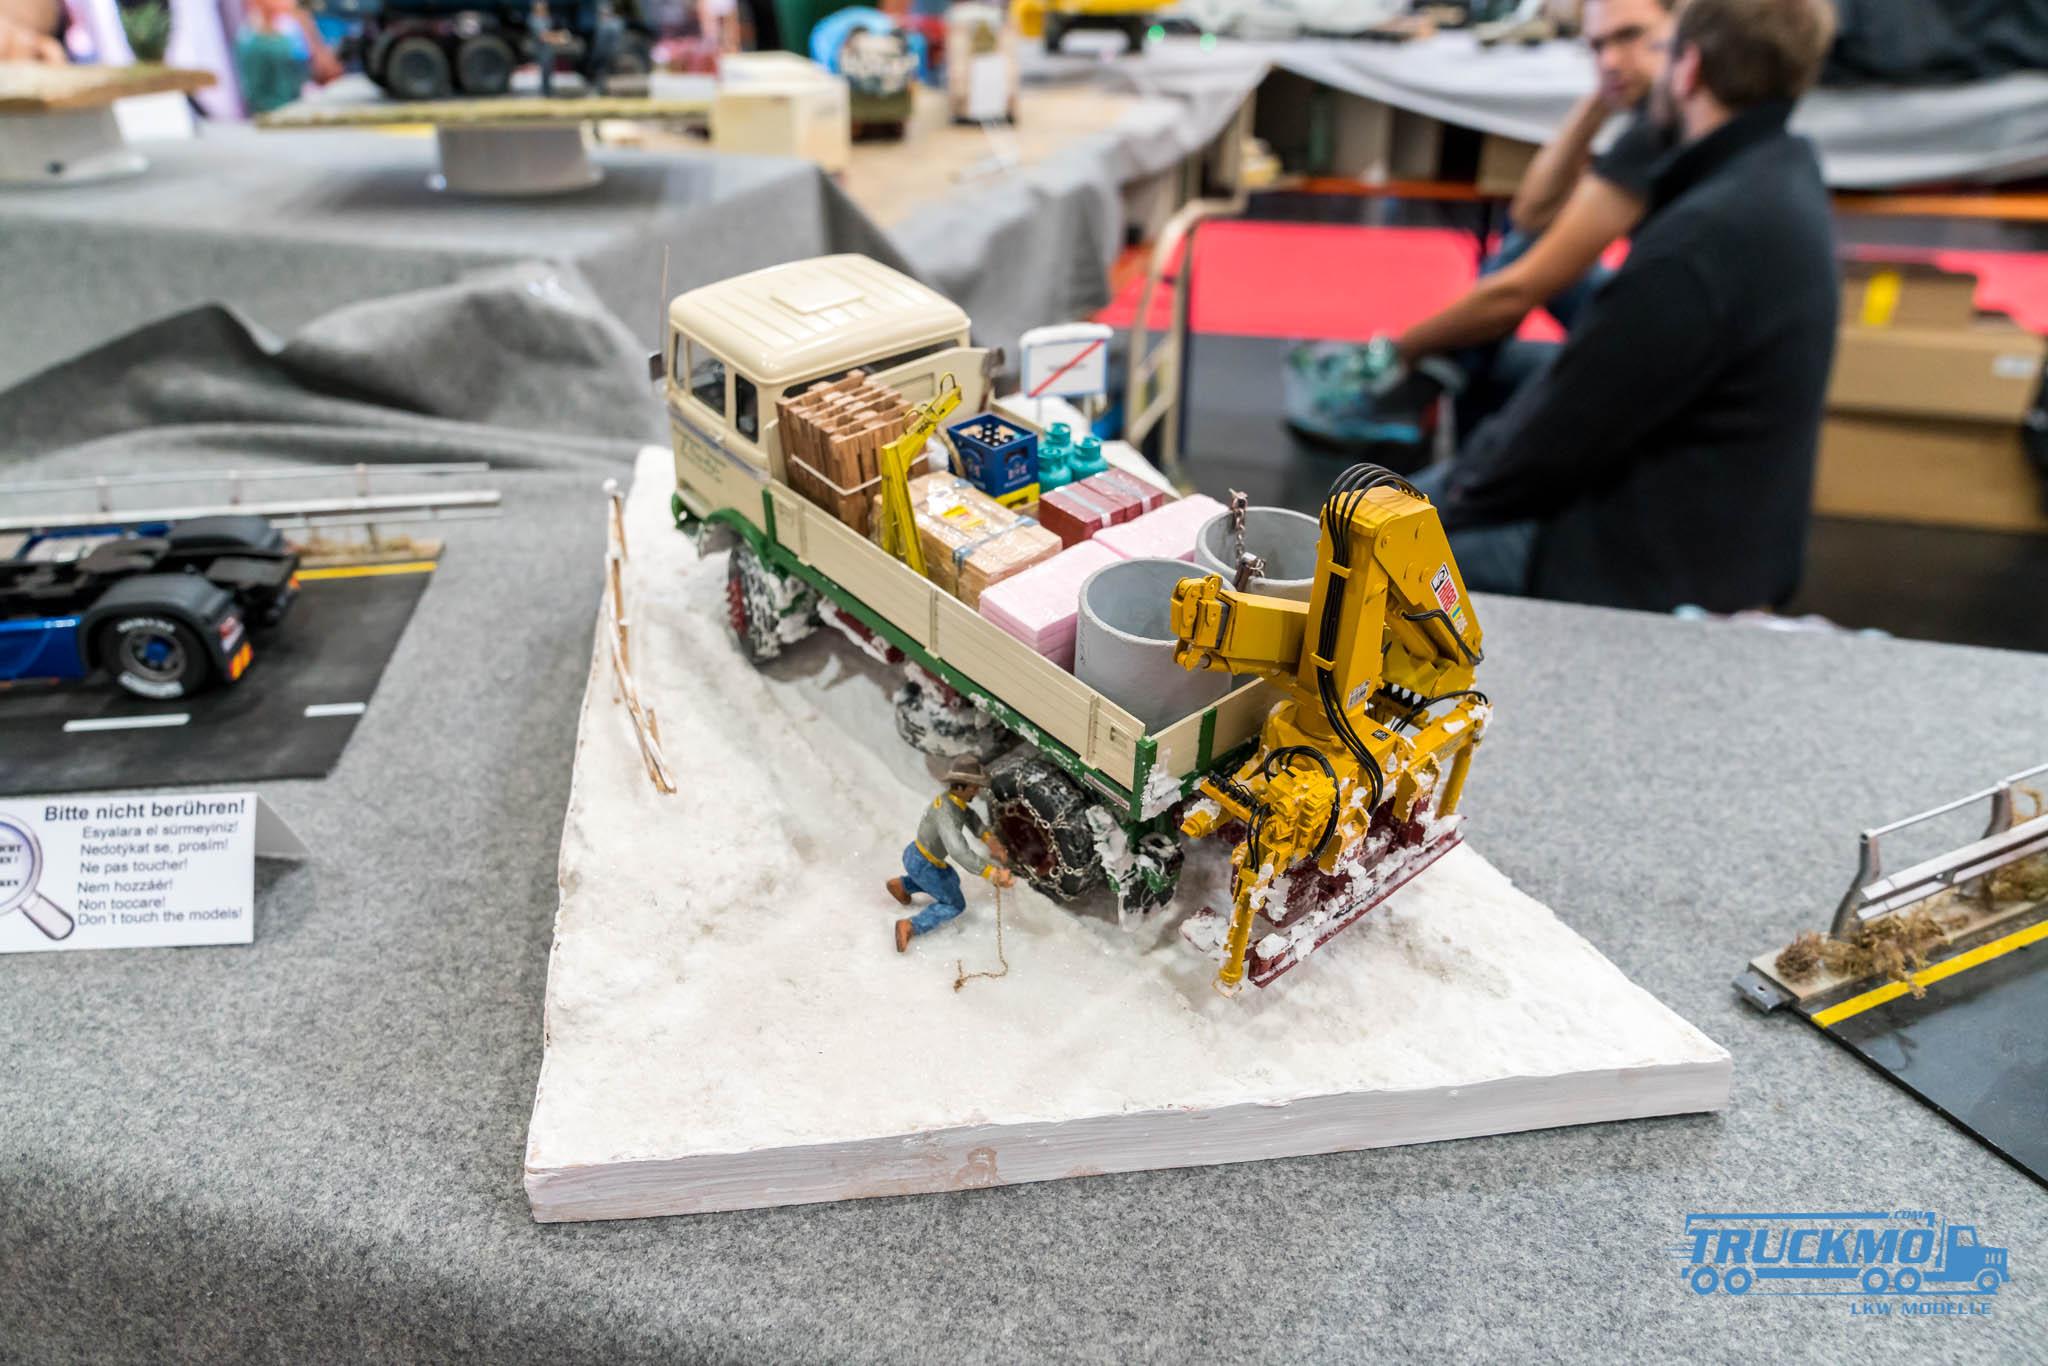 Truckmo_Modellbau_Ried_2017_Herpa_Messe_Modellbauausstellung (309 von 1177)